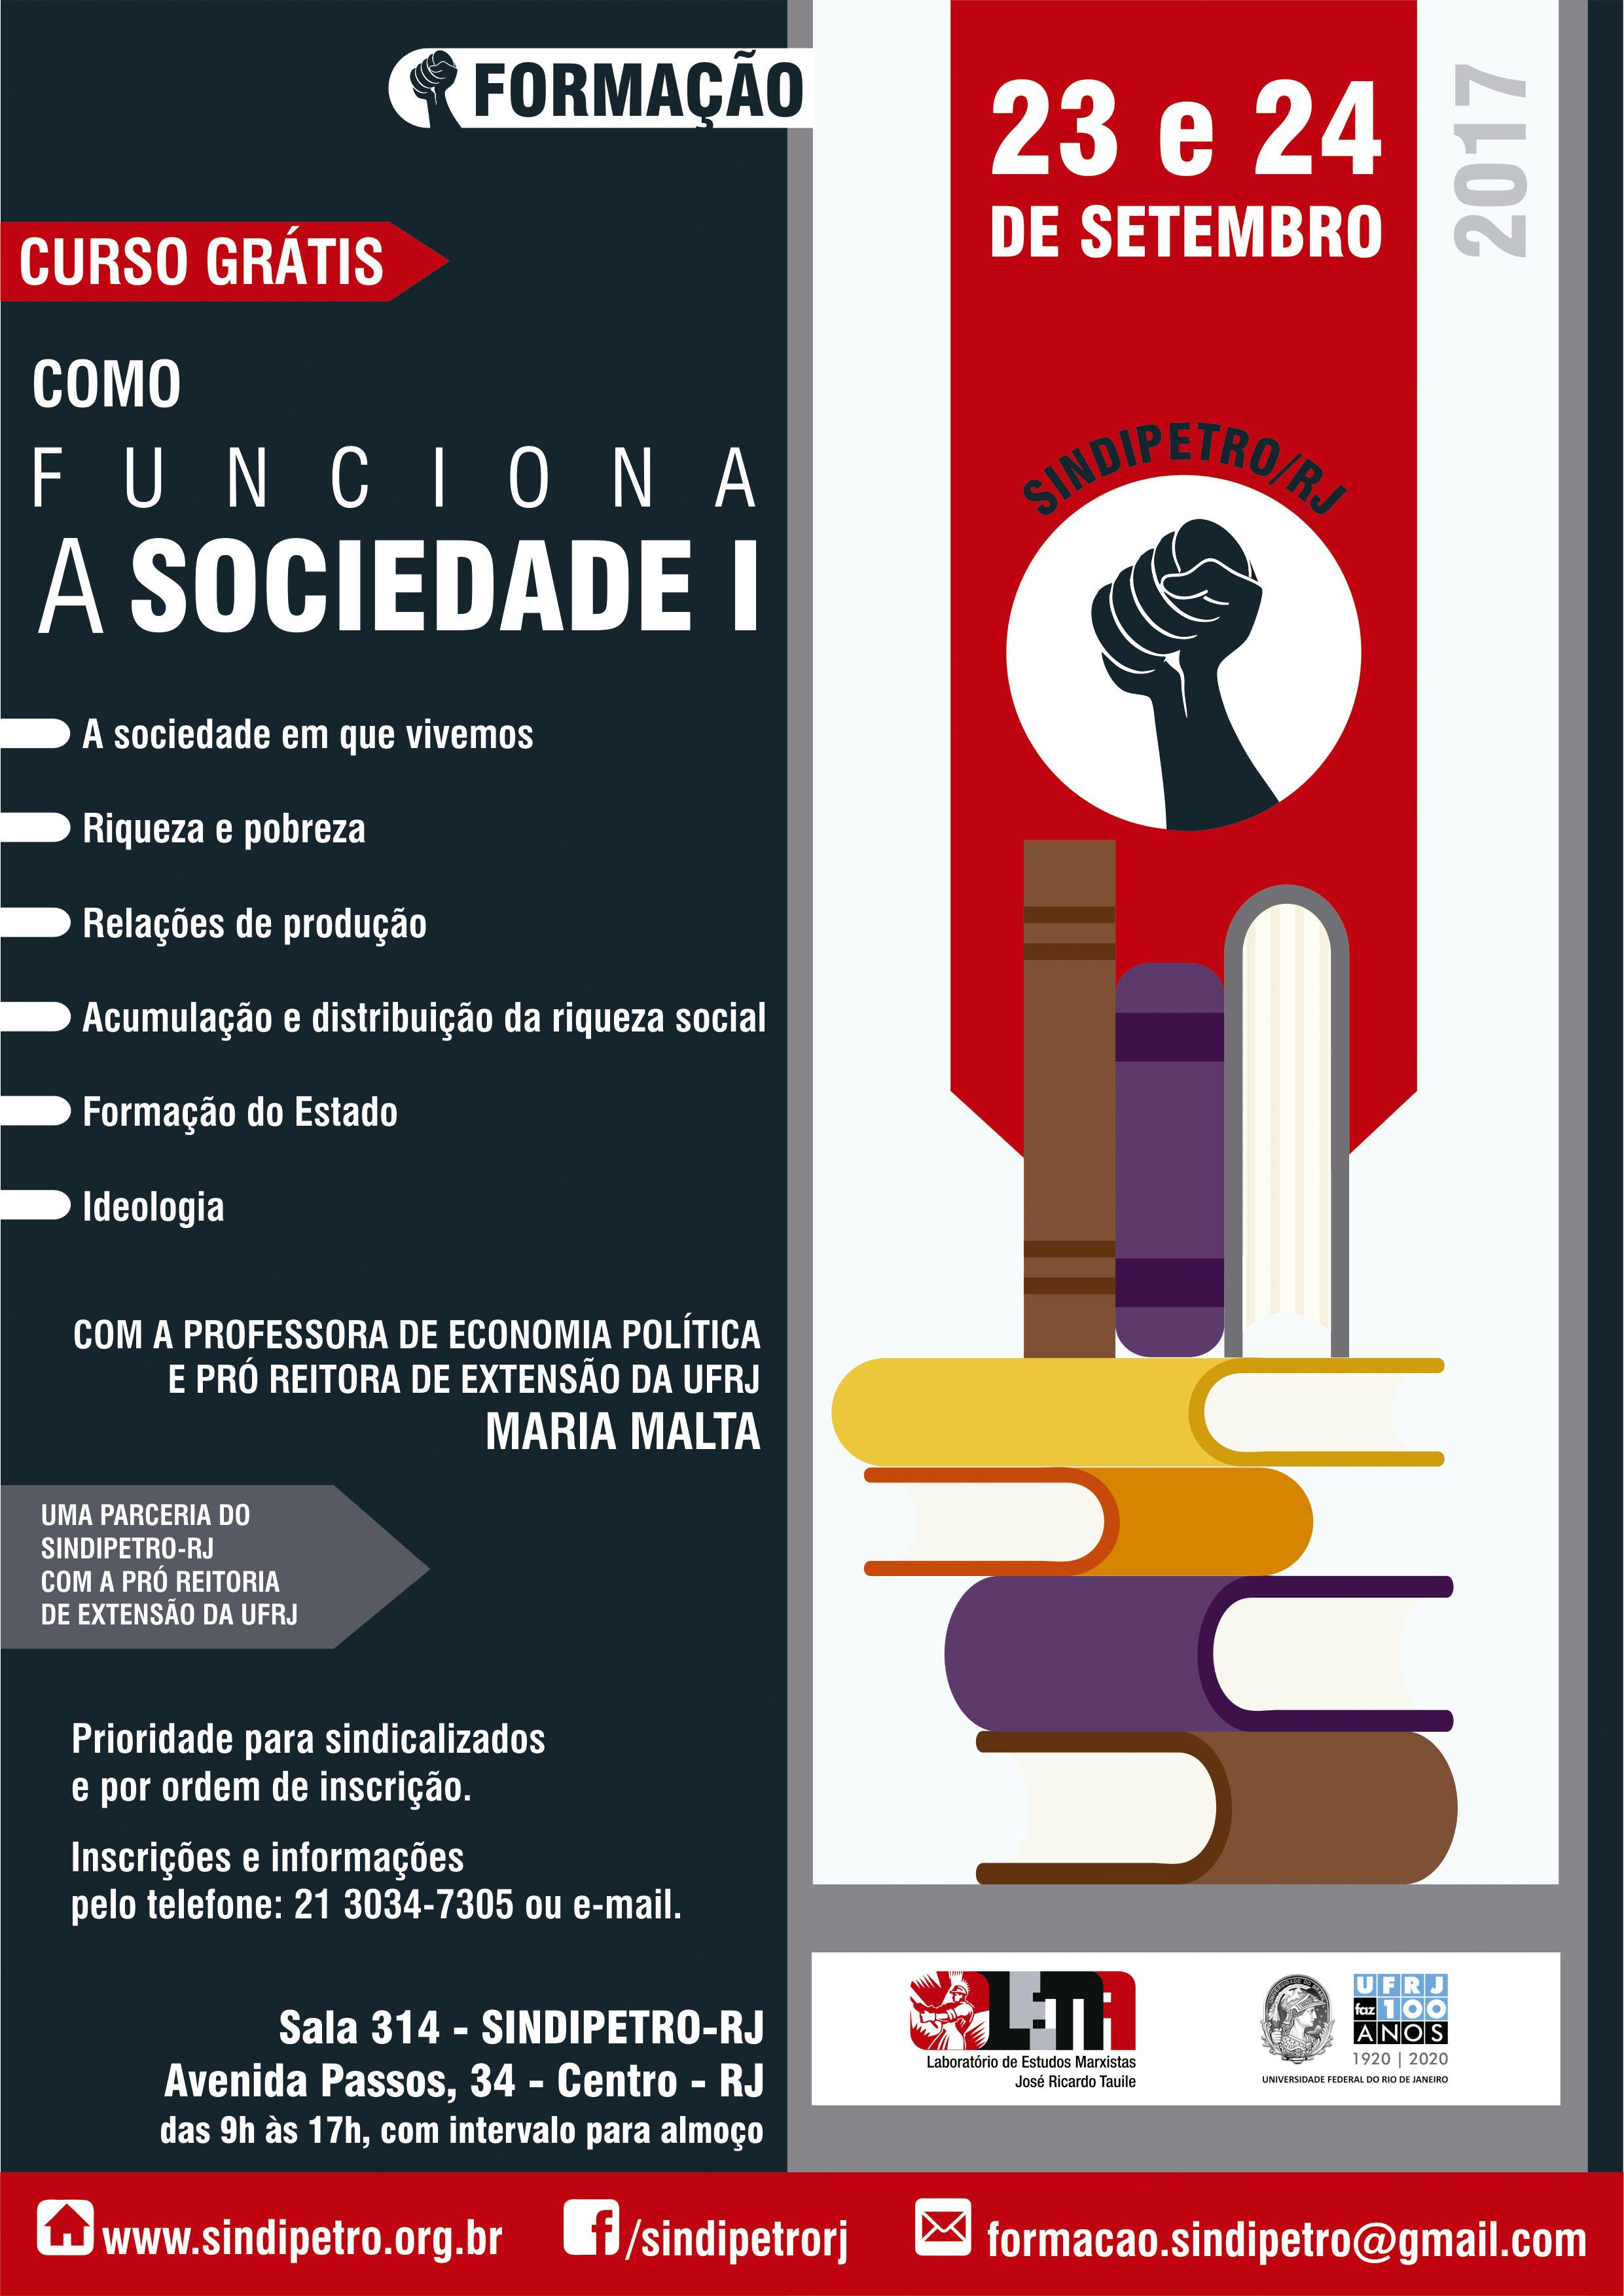 Sindipetro-RJ em parceria com UFRJ oferece curso de formação política cartaz curso como funciona a sociedade